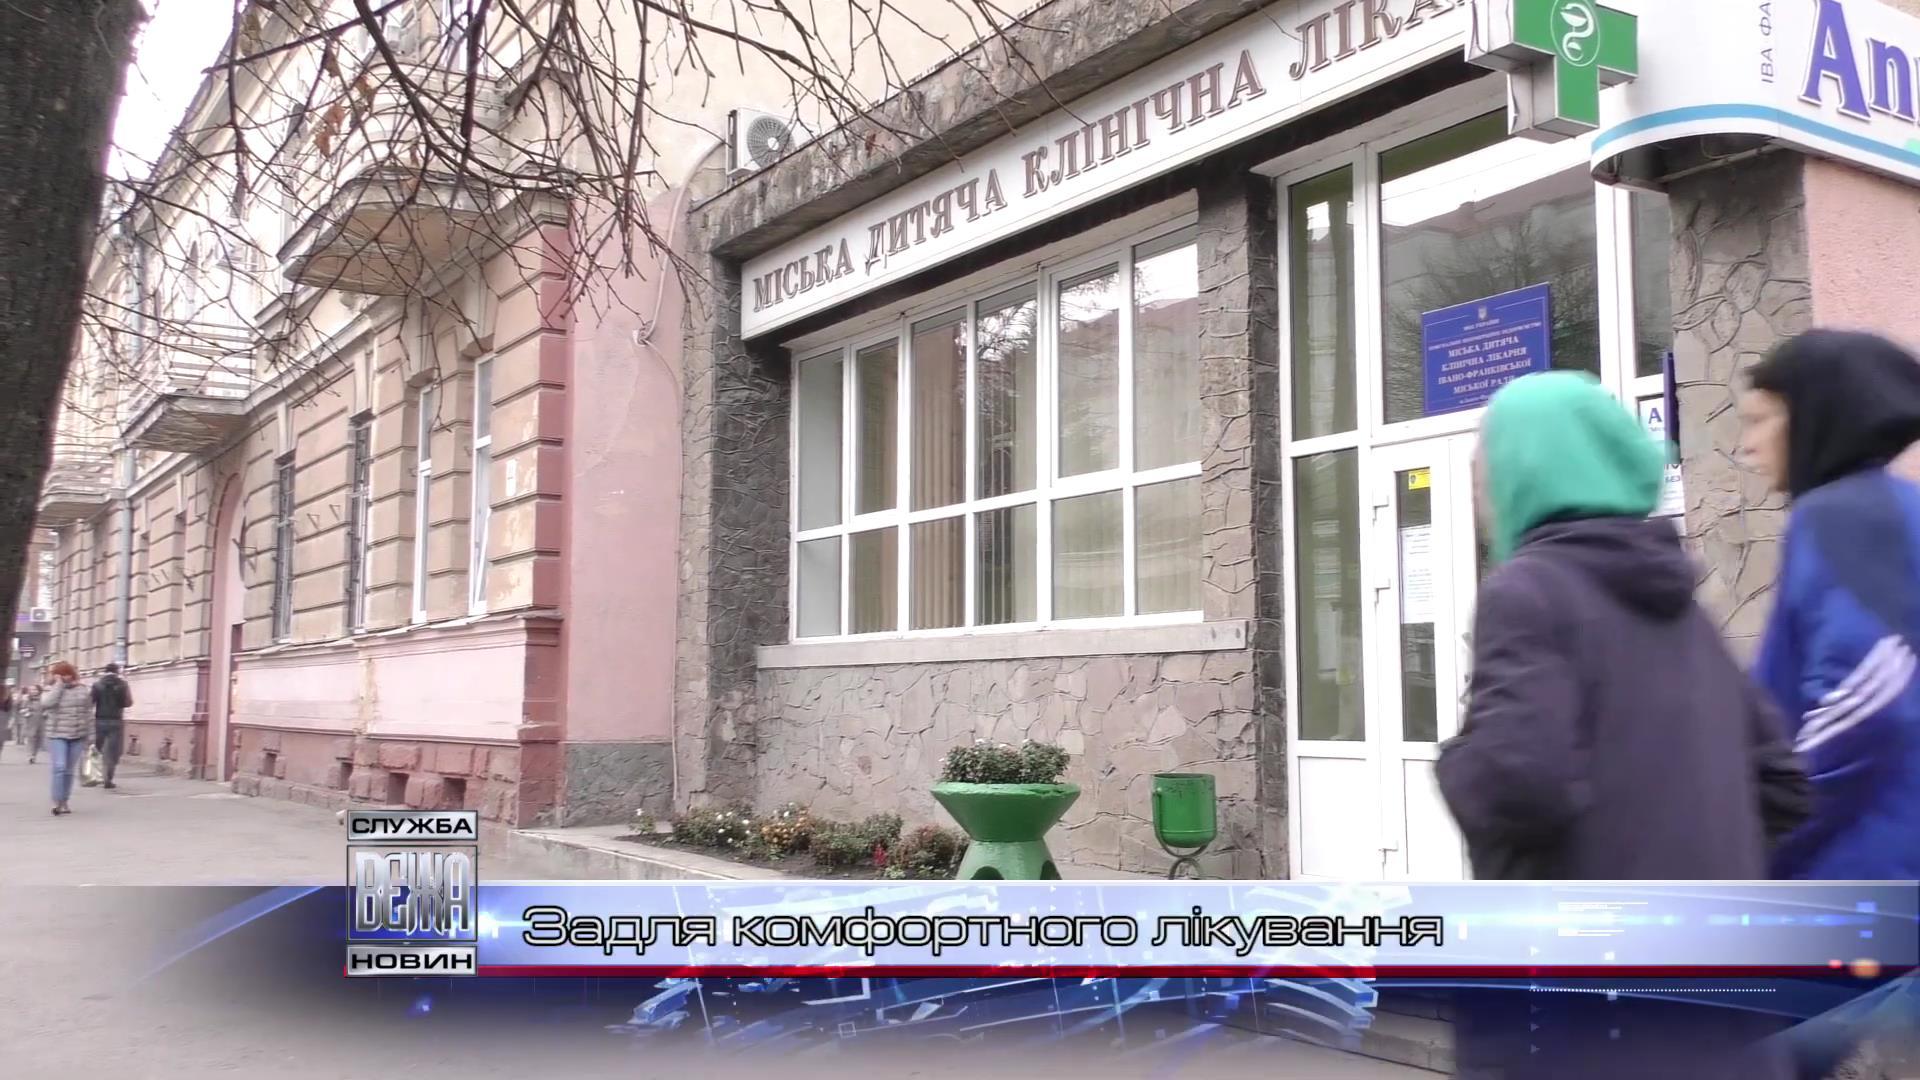 У Міській дитячій клінічній лікарні впорядкували палати для пацієнтів[19-11-07]